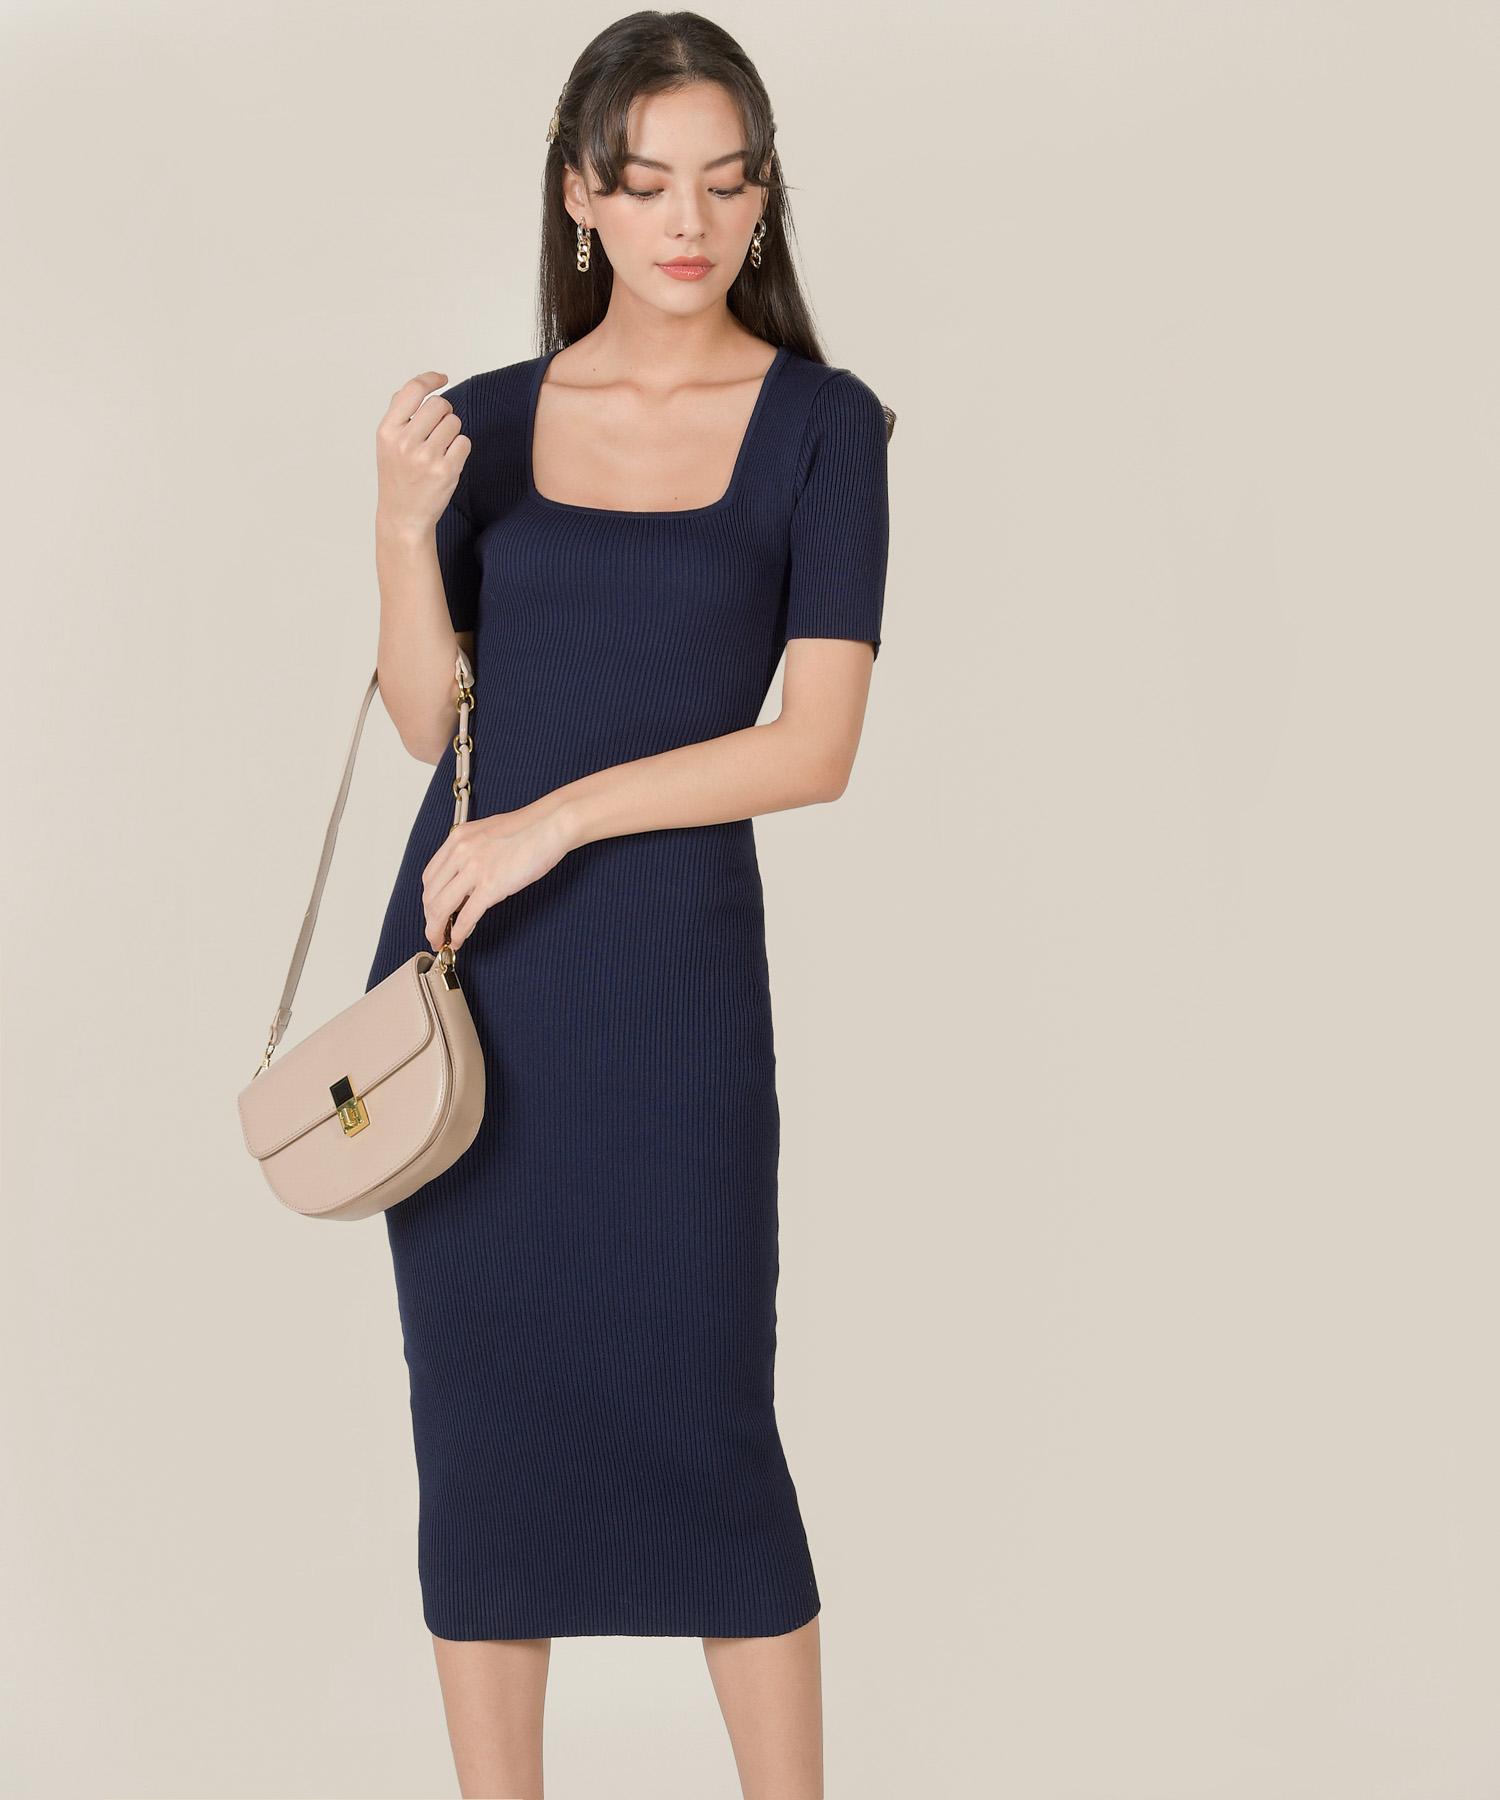 carmela-ribbed-knit-bodycon-midi-dress-navy-1